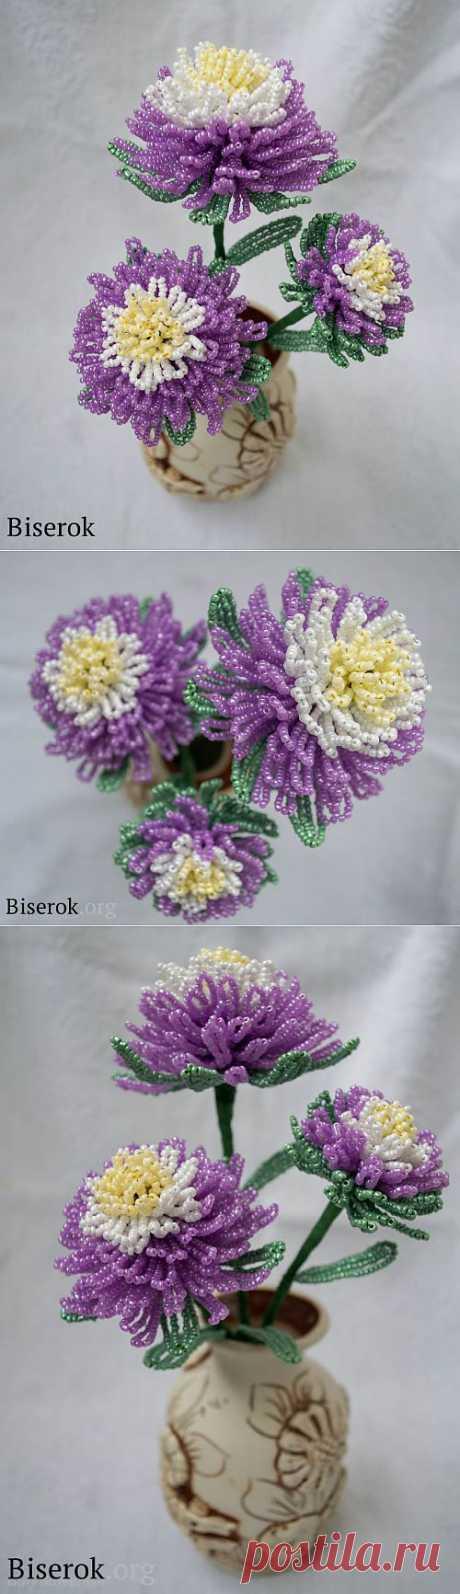 Астра или хризантема / Цветы / Biserok.org